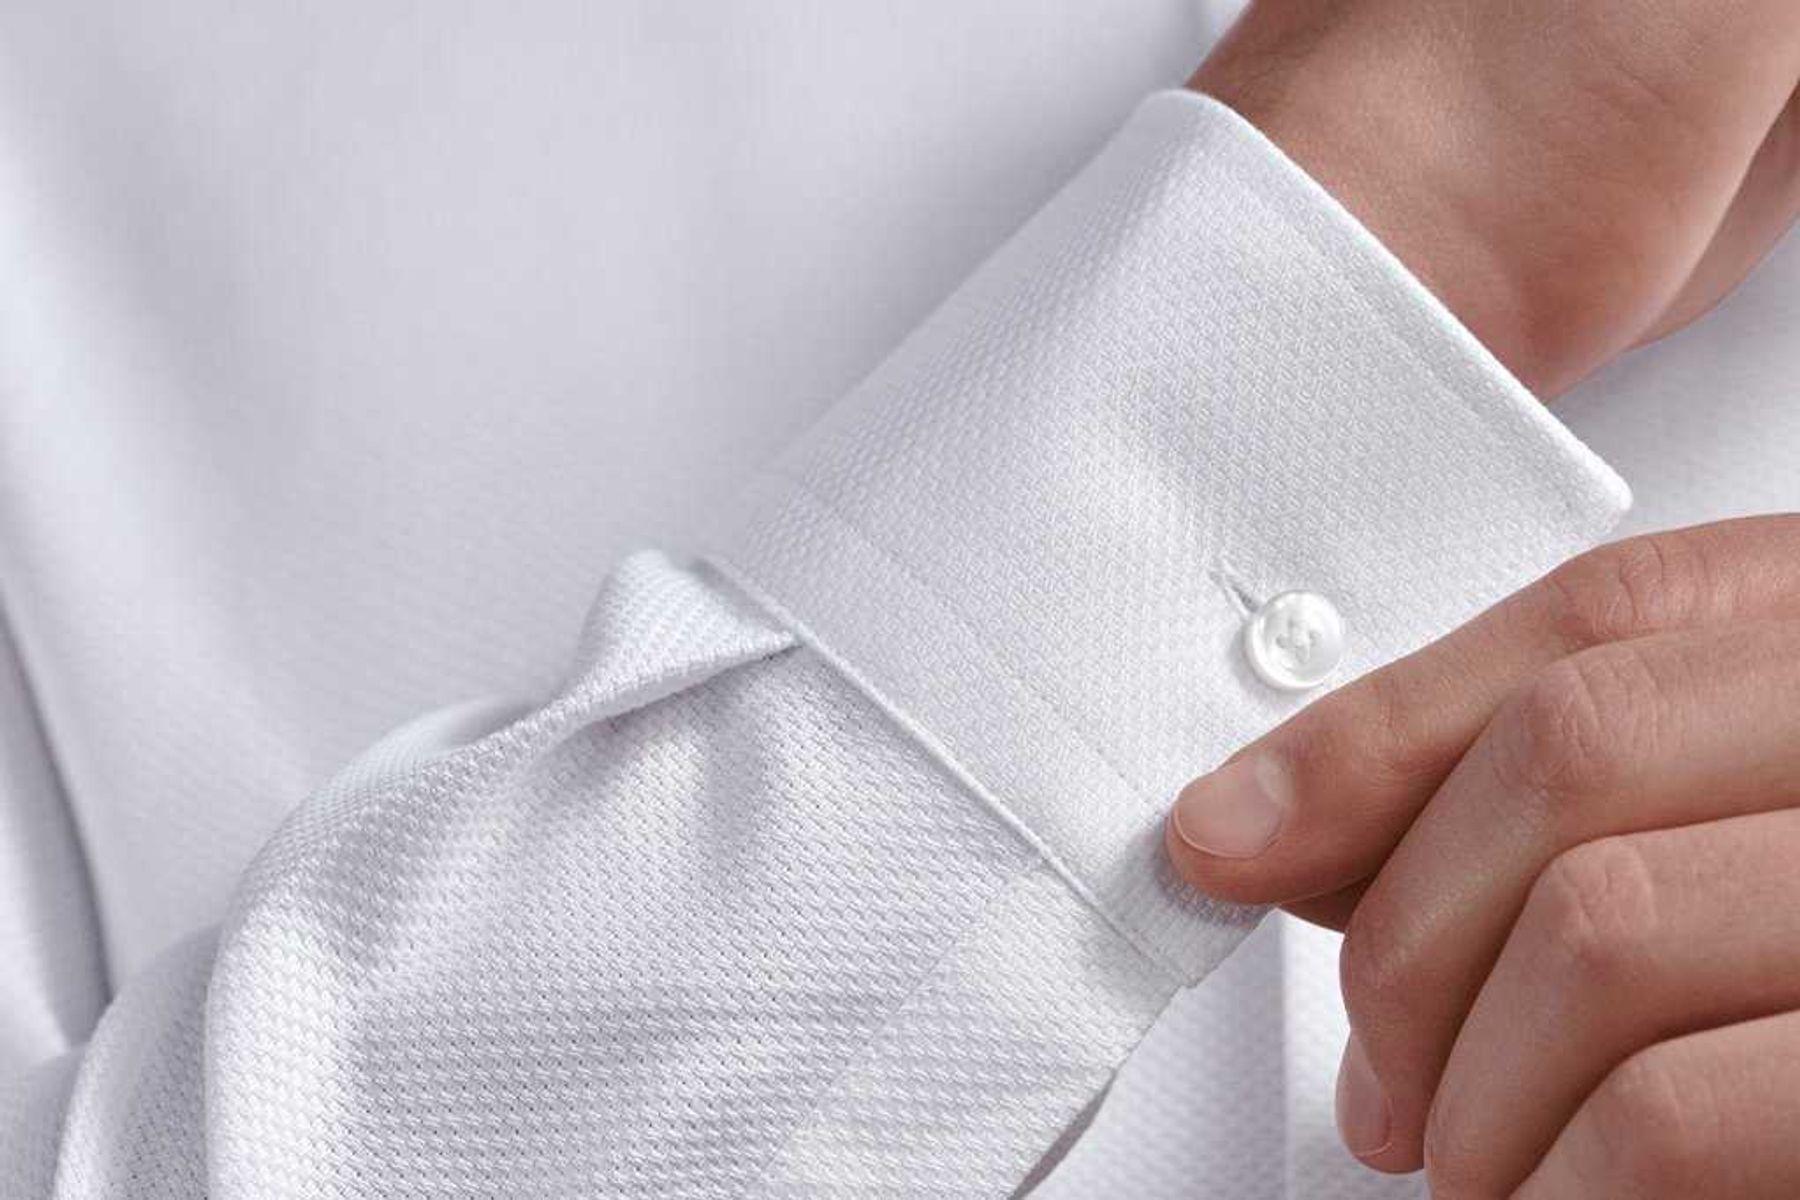 Step 2: Không thể dùng chất tẩy hay nước tẩy để làm sạch vết bẩn trên sợi vải tổng hợp